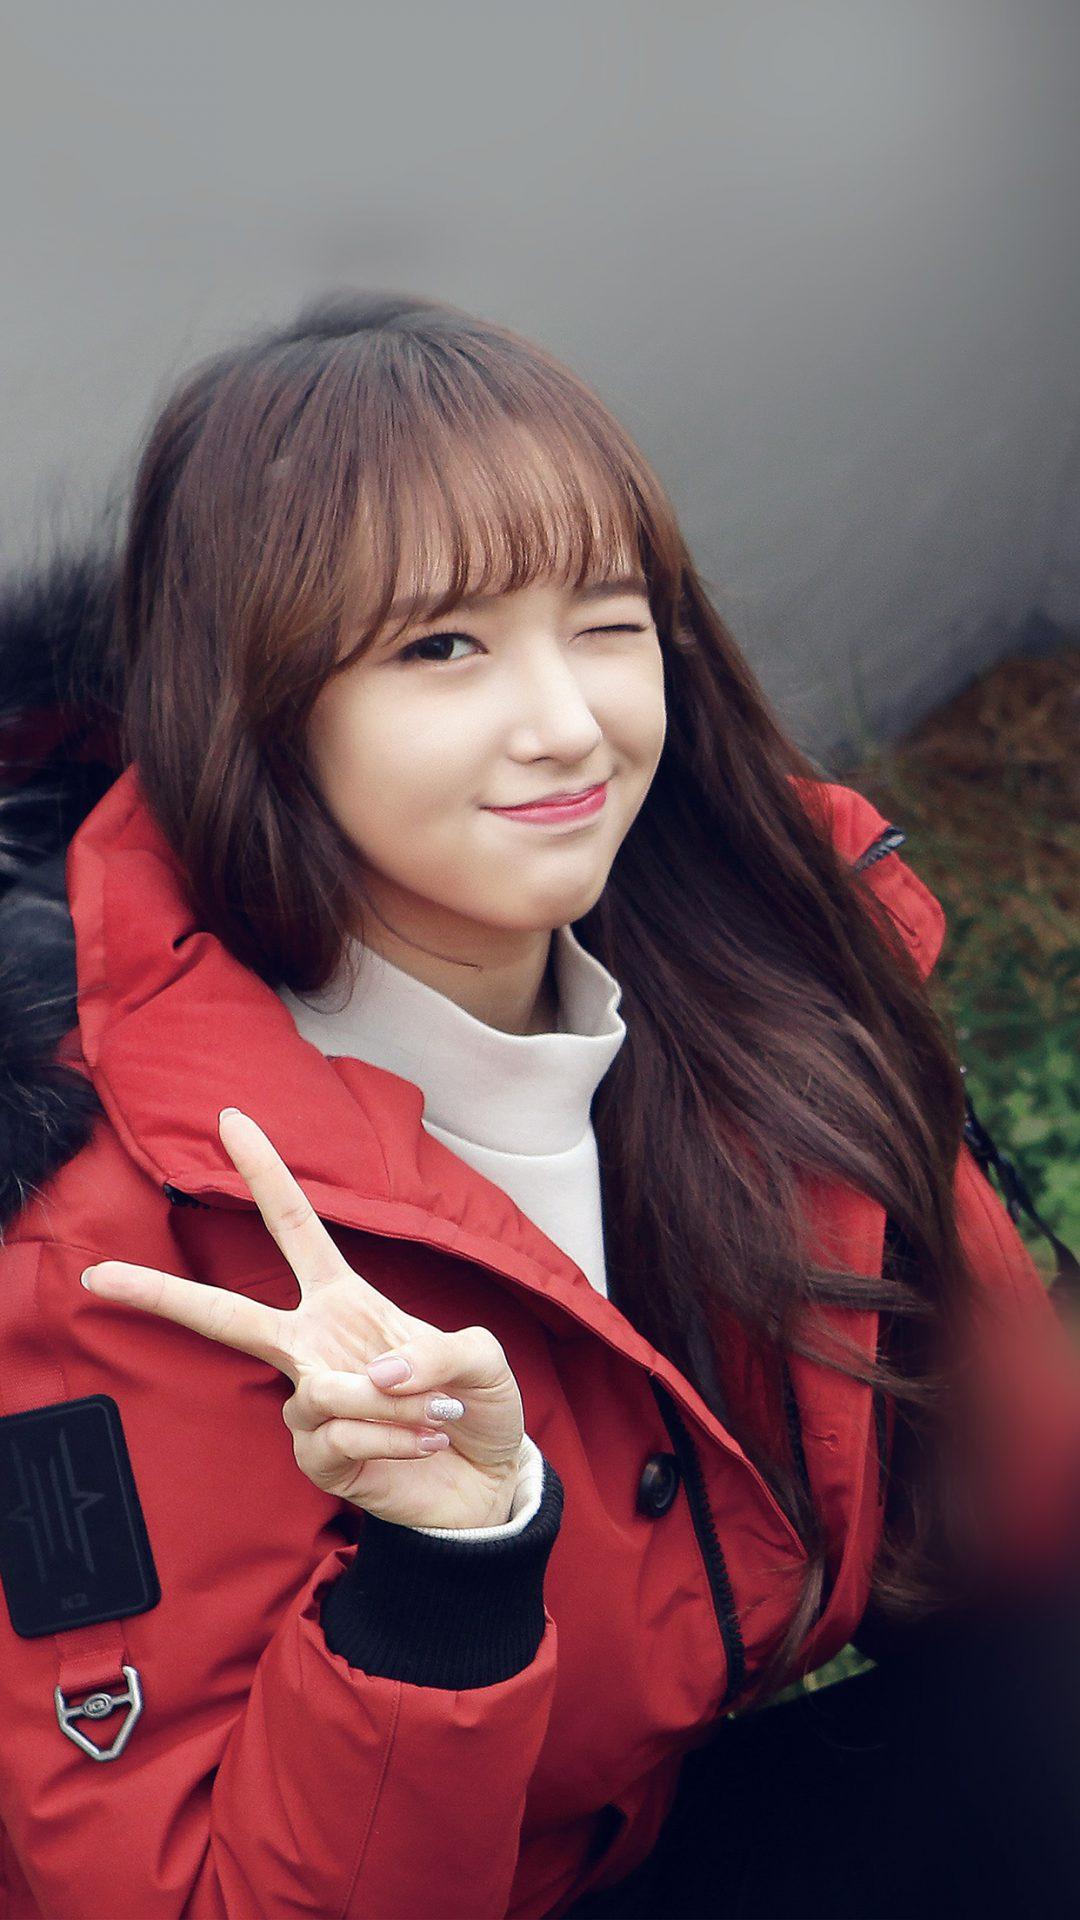 Sungso Kpop Girl Spacegirl